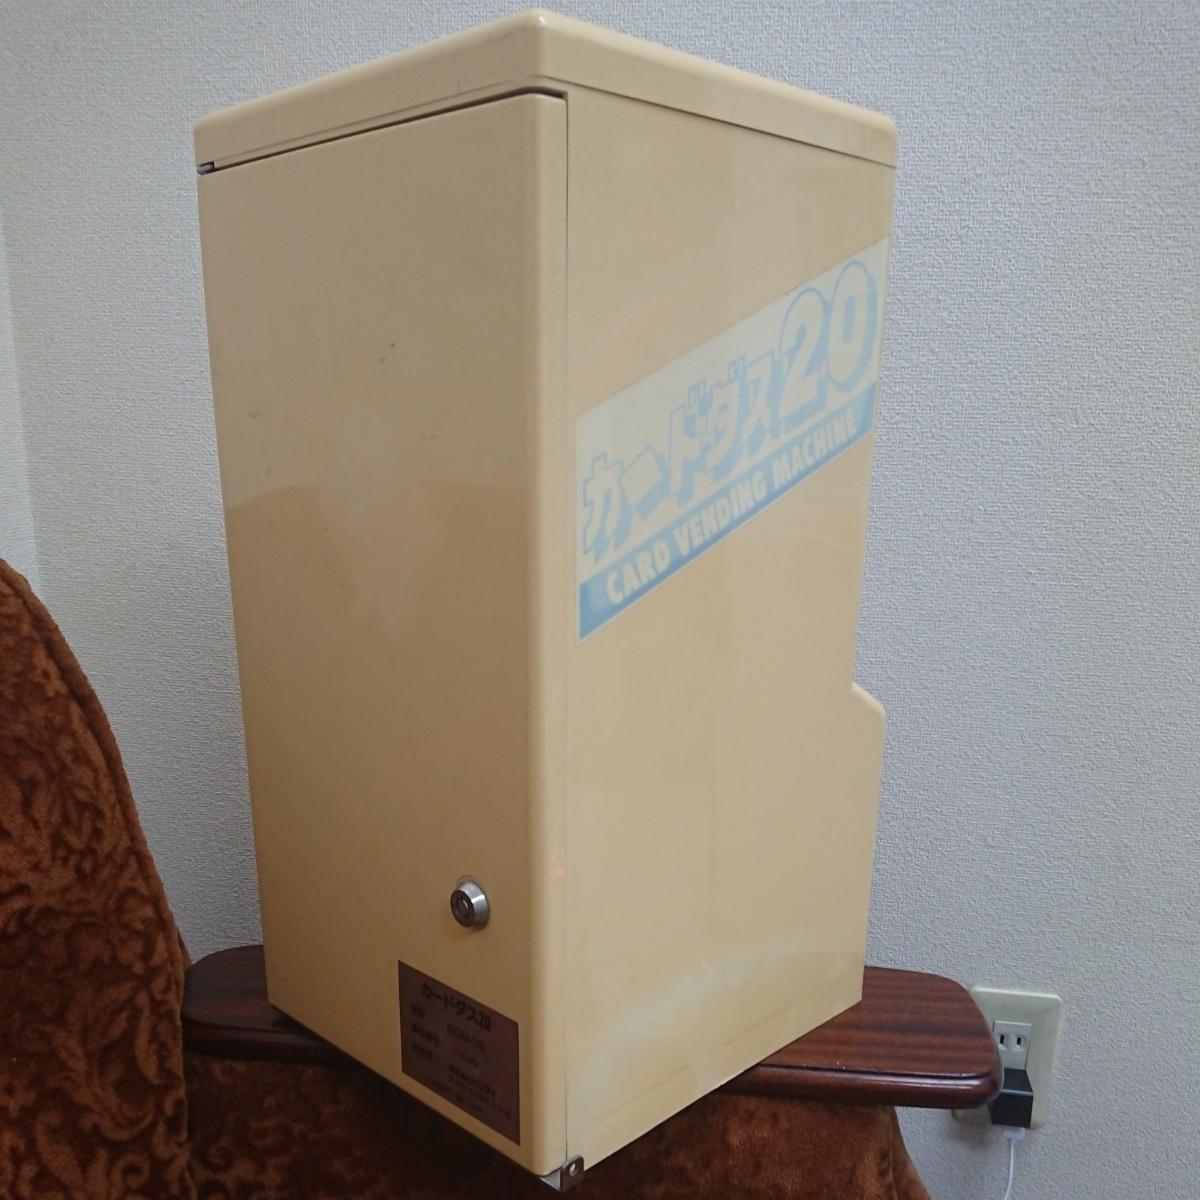 ■1円~ ラスト1 バンダイ カードダス20 1988年製 本体 可動品 台紙なし 鍵はマスターをお付けします 発送はゆうパック120_画像4